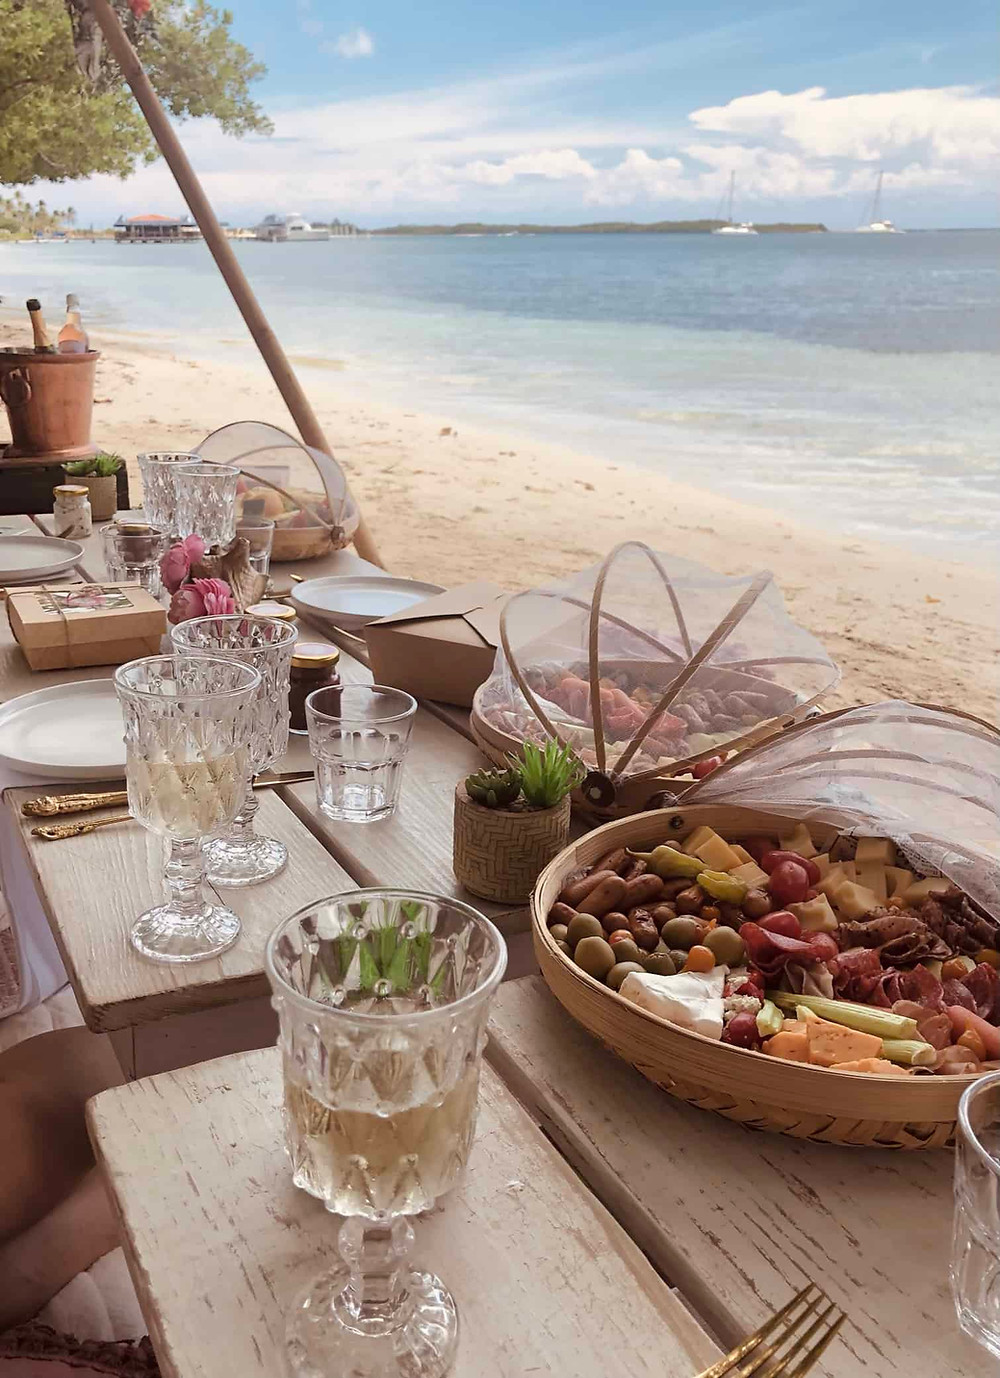 Private beach lunch by Picnic Aruba